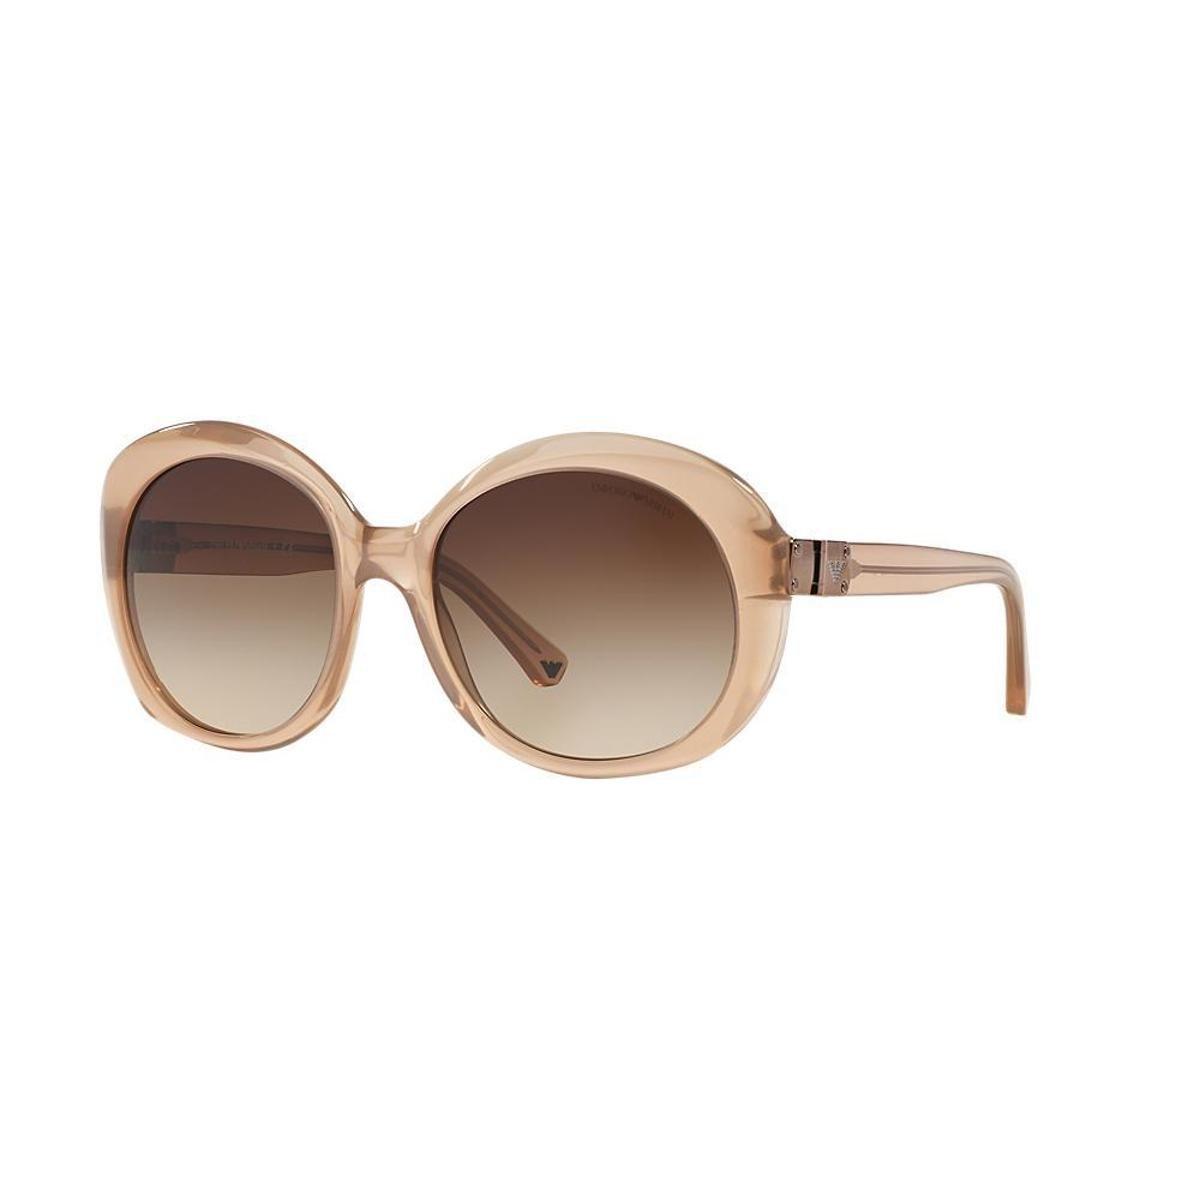 2a09079dc8cbc Óculos de Sol Emporio Armani Redondo EA4009 Feminino - Compre Agora ...